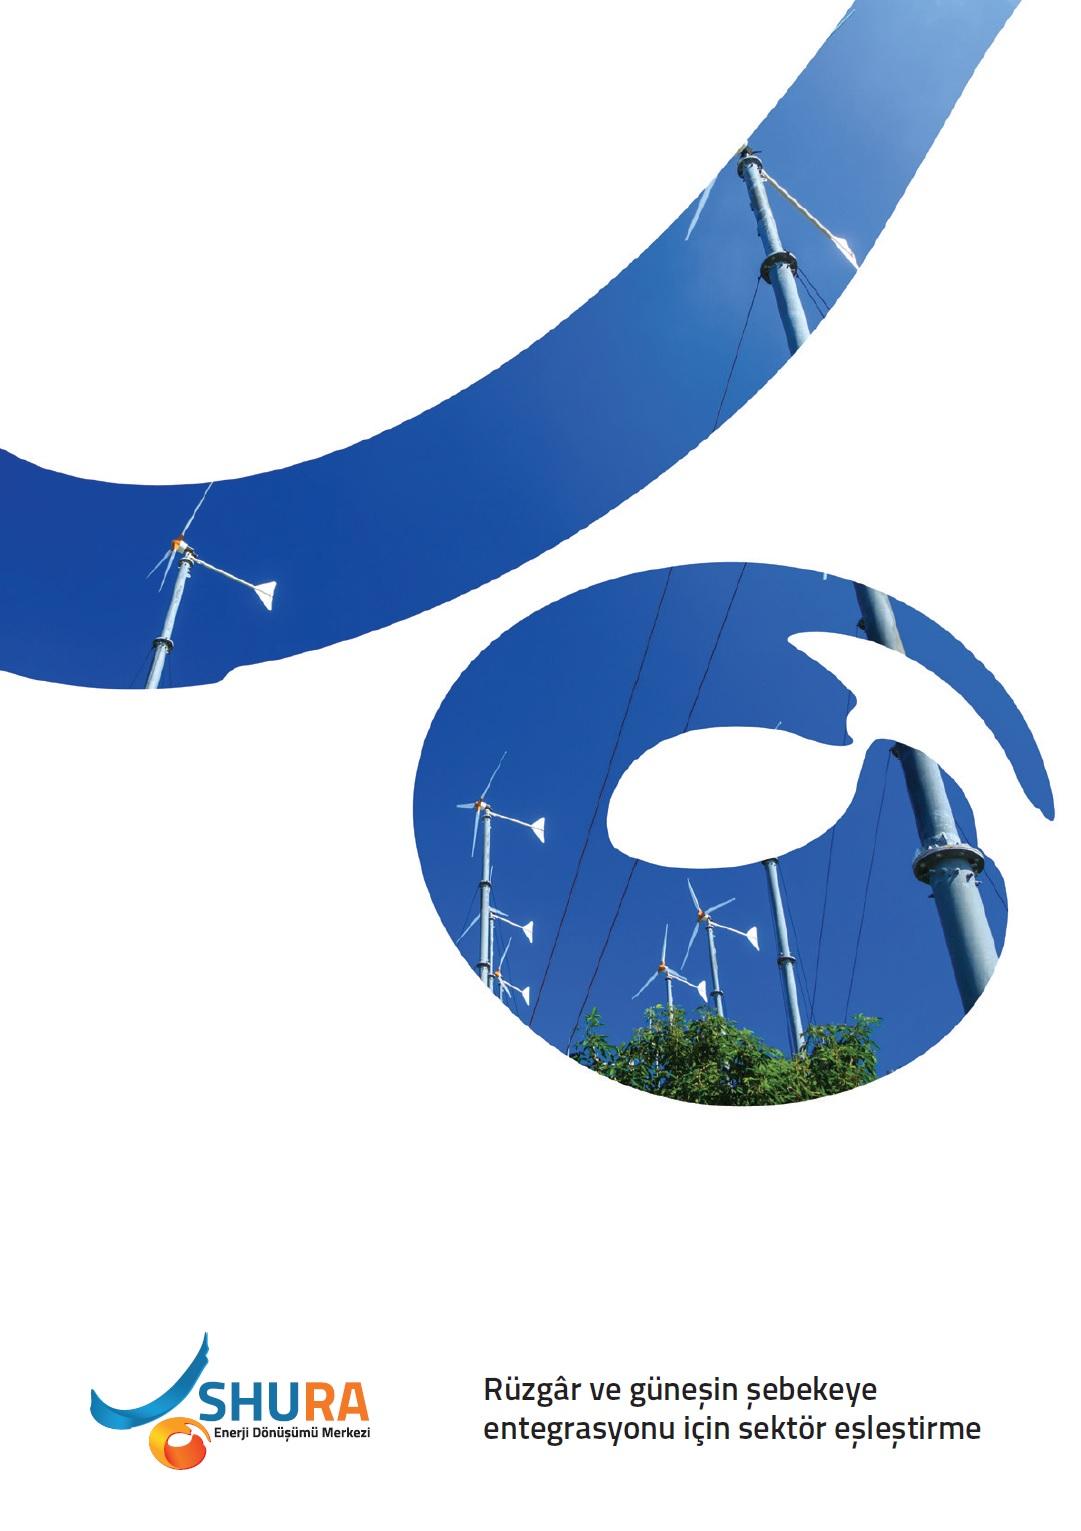 Rüzgâr ve Güneşin Şebekeye Entegrasyonu için Sektör Eşleştirme